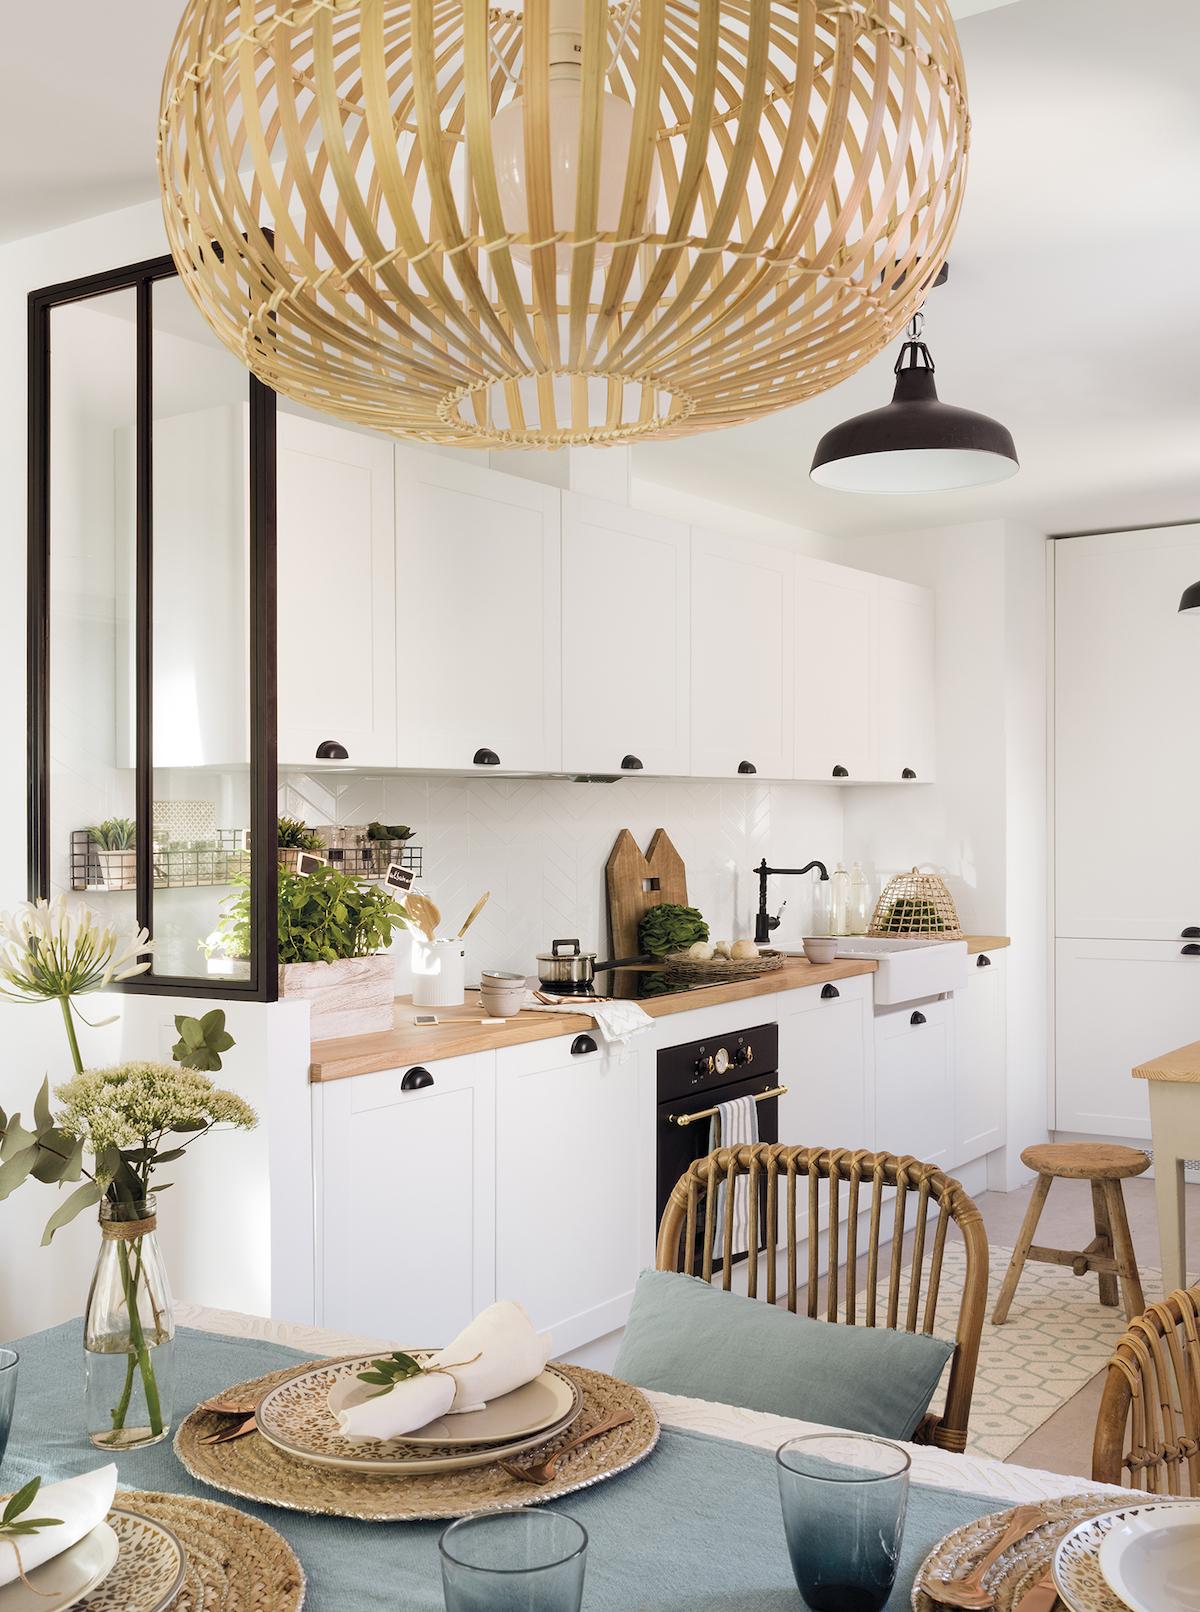 blog déco cuisine scandicraft bleu pastel blanc verrière metal